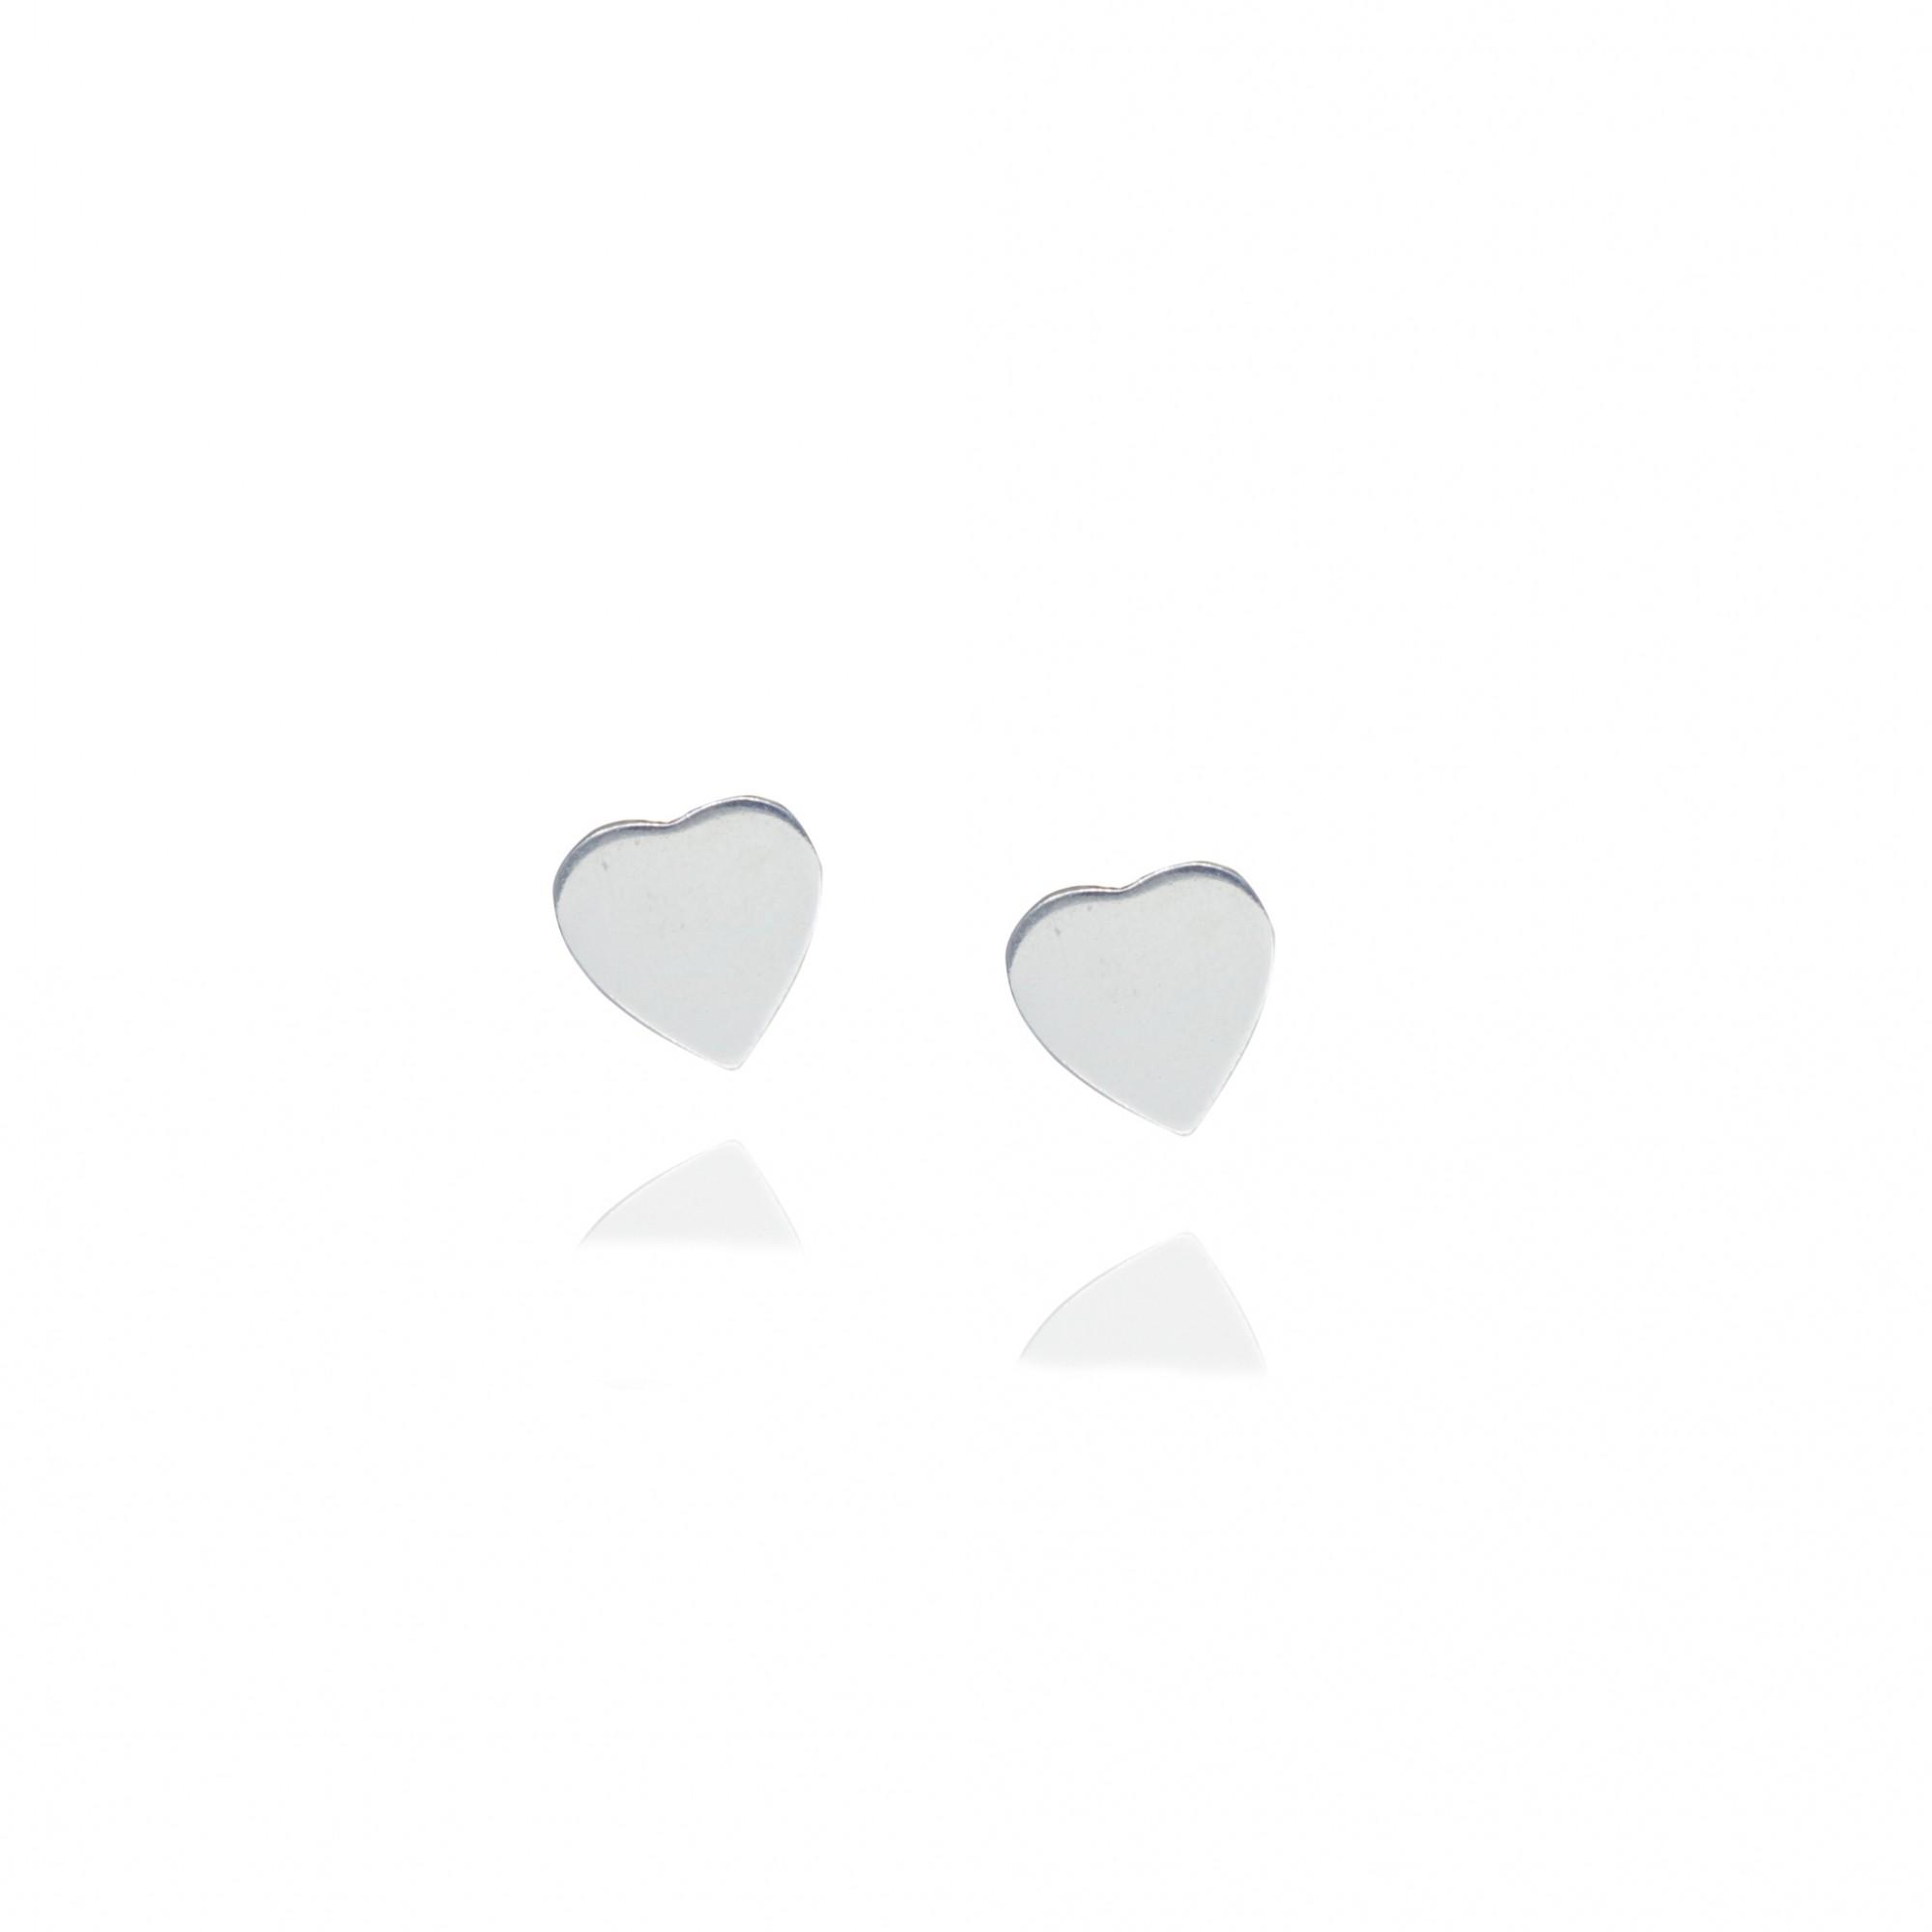 Brinco joia em prata 925 coração liso